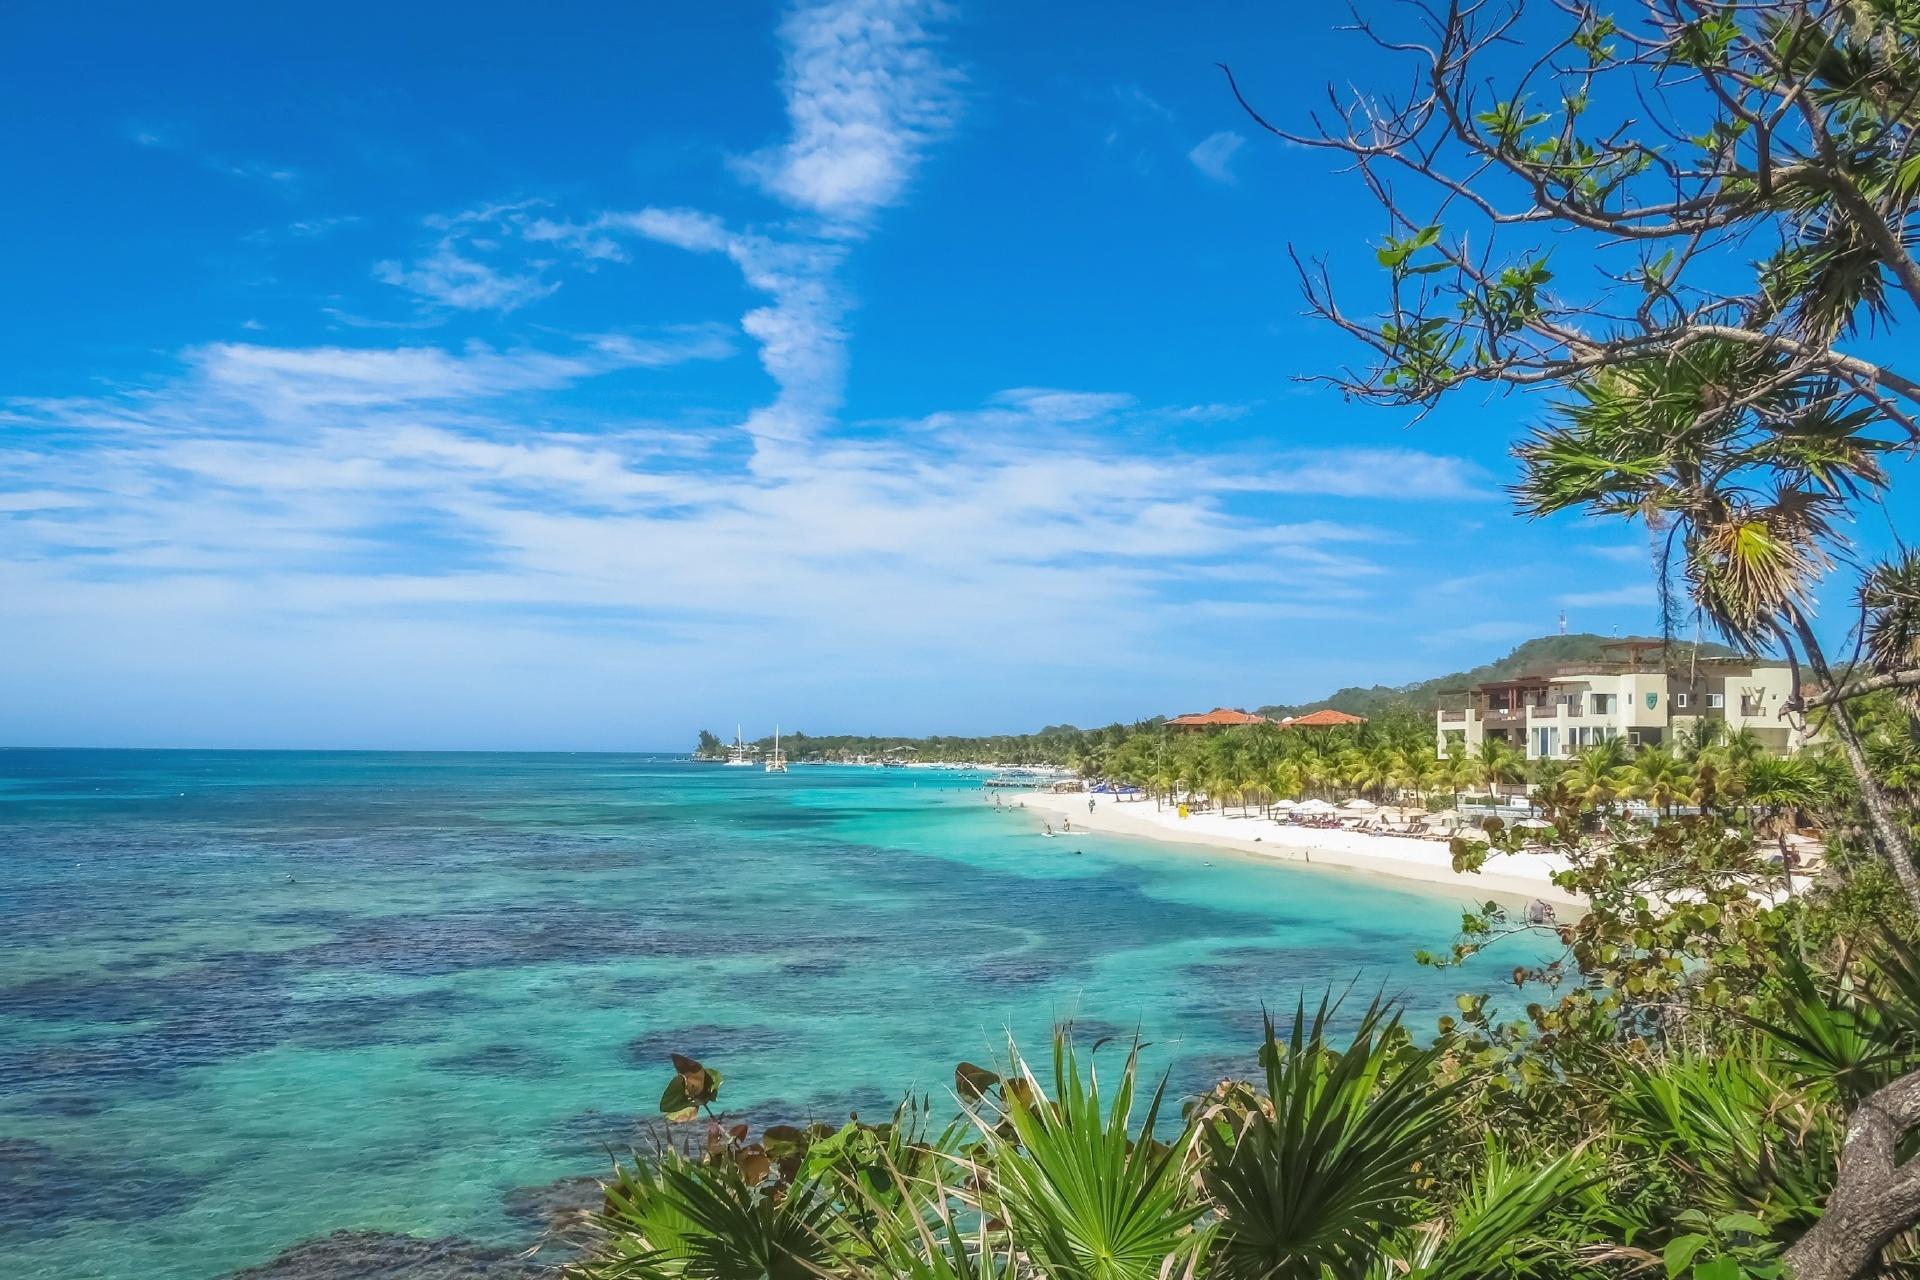 ロアタン島の風景 ホンジュラスの風景